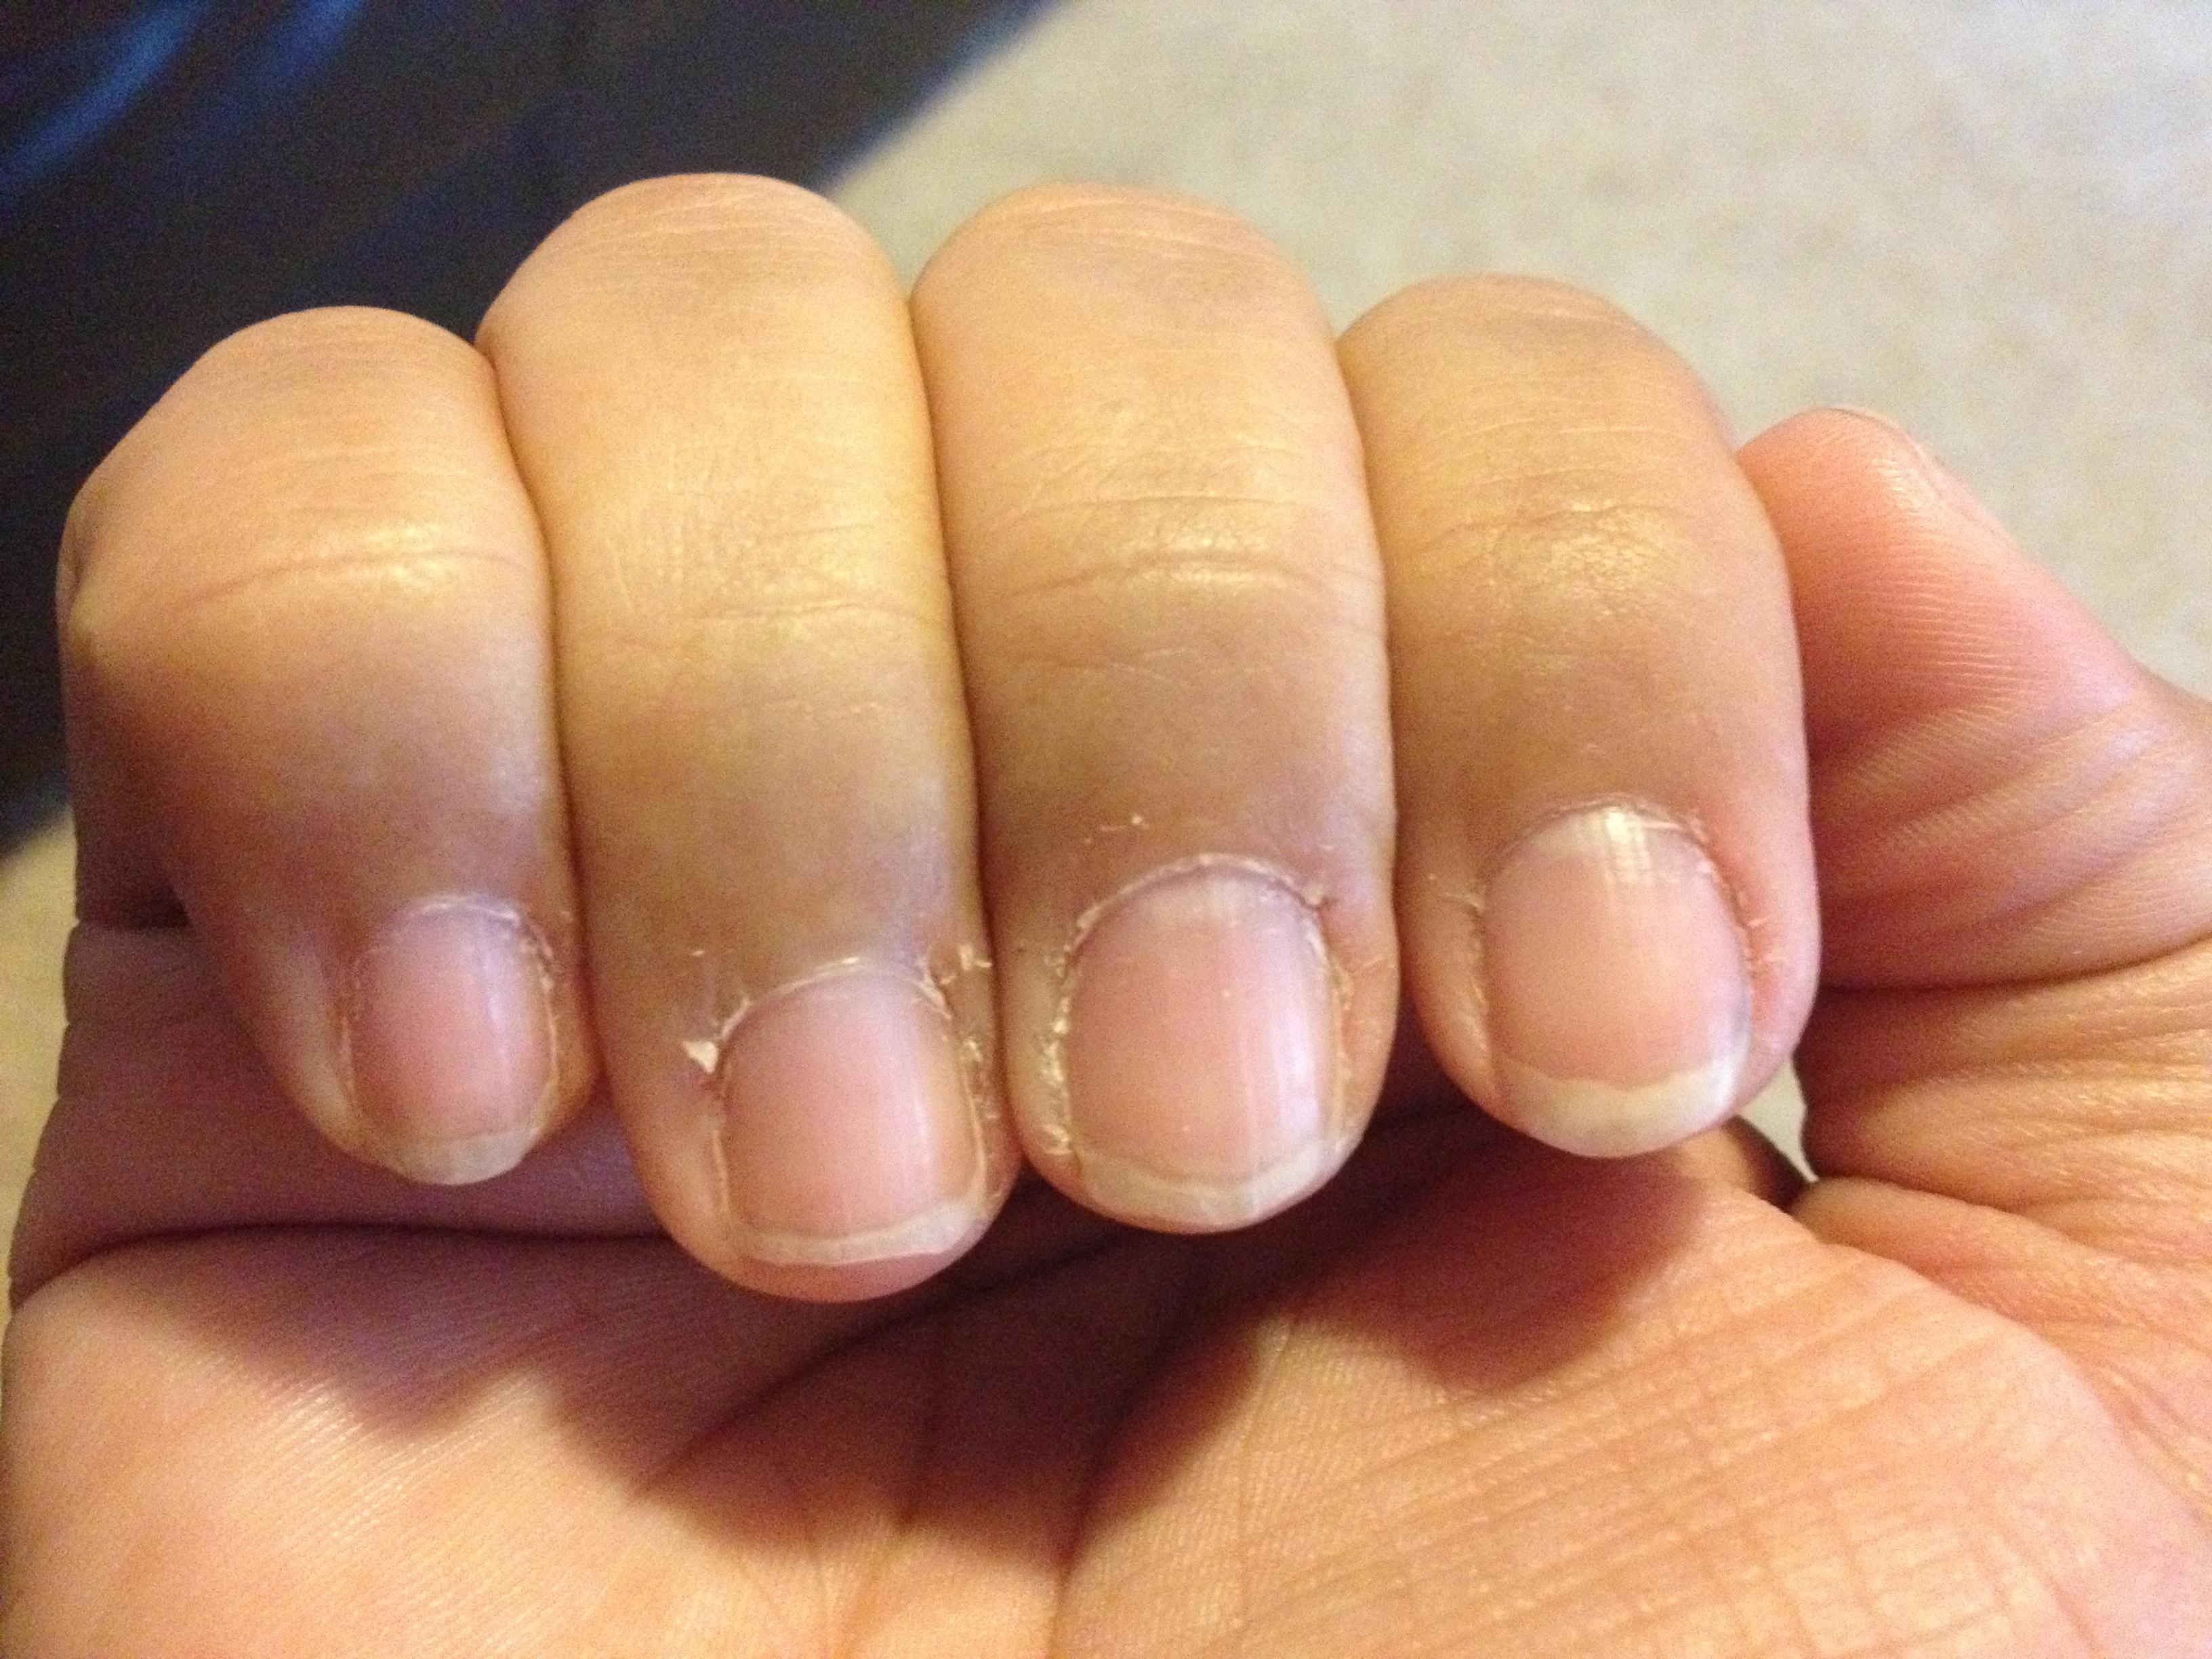 Dry Fingernails With Ridges